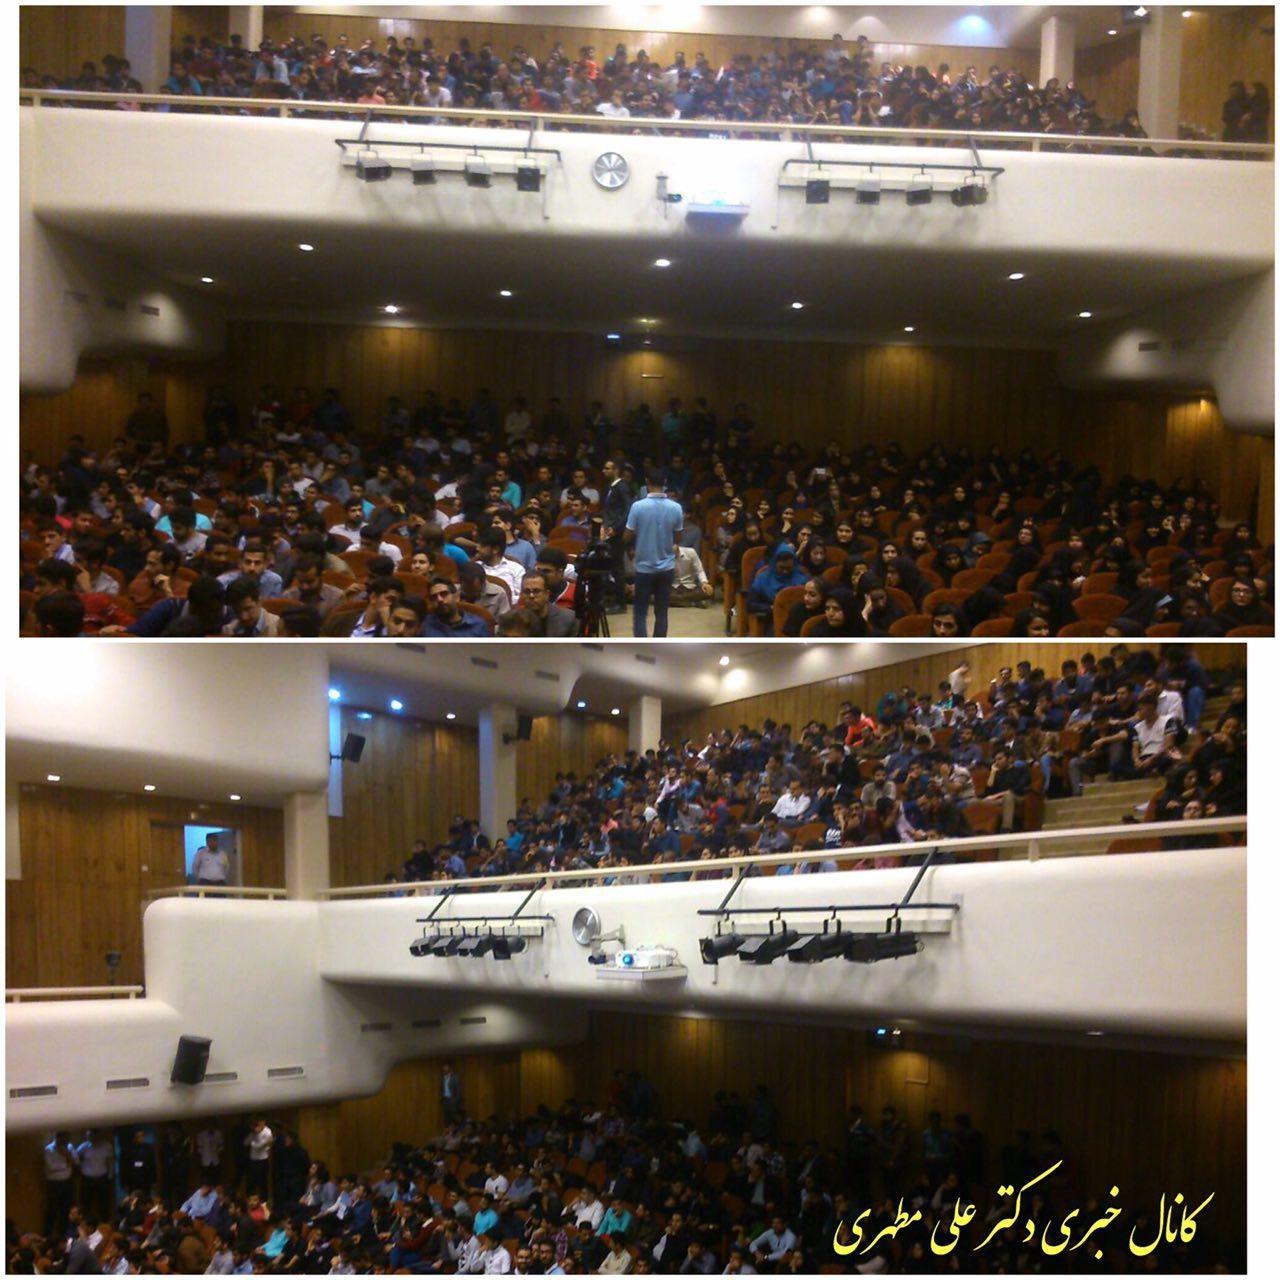 16 12 5 19542712 - تصاویر معناداری که علی مطهری از یک جلسه «روز دانشجو» در تلگرام منتشر کرد